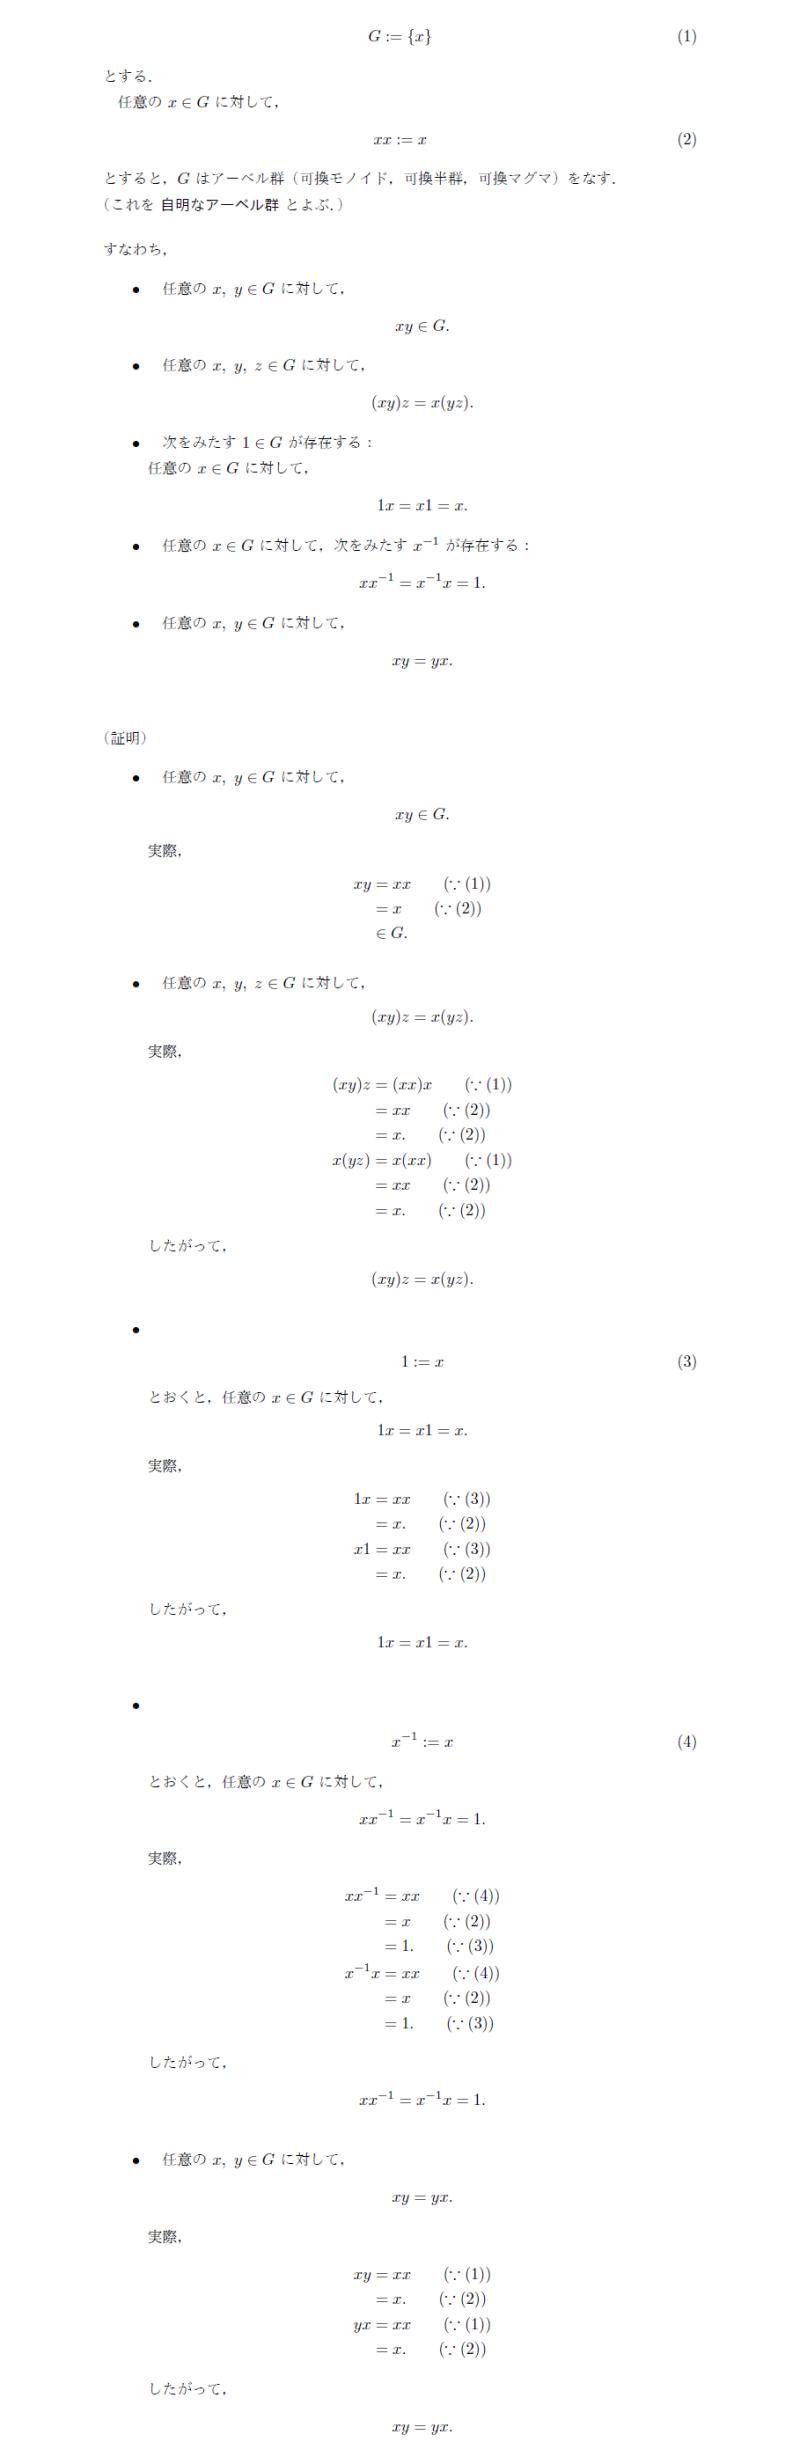 自明なアーベル群 | 可視増 KATHiMATH